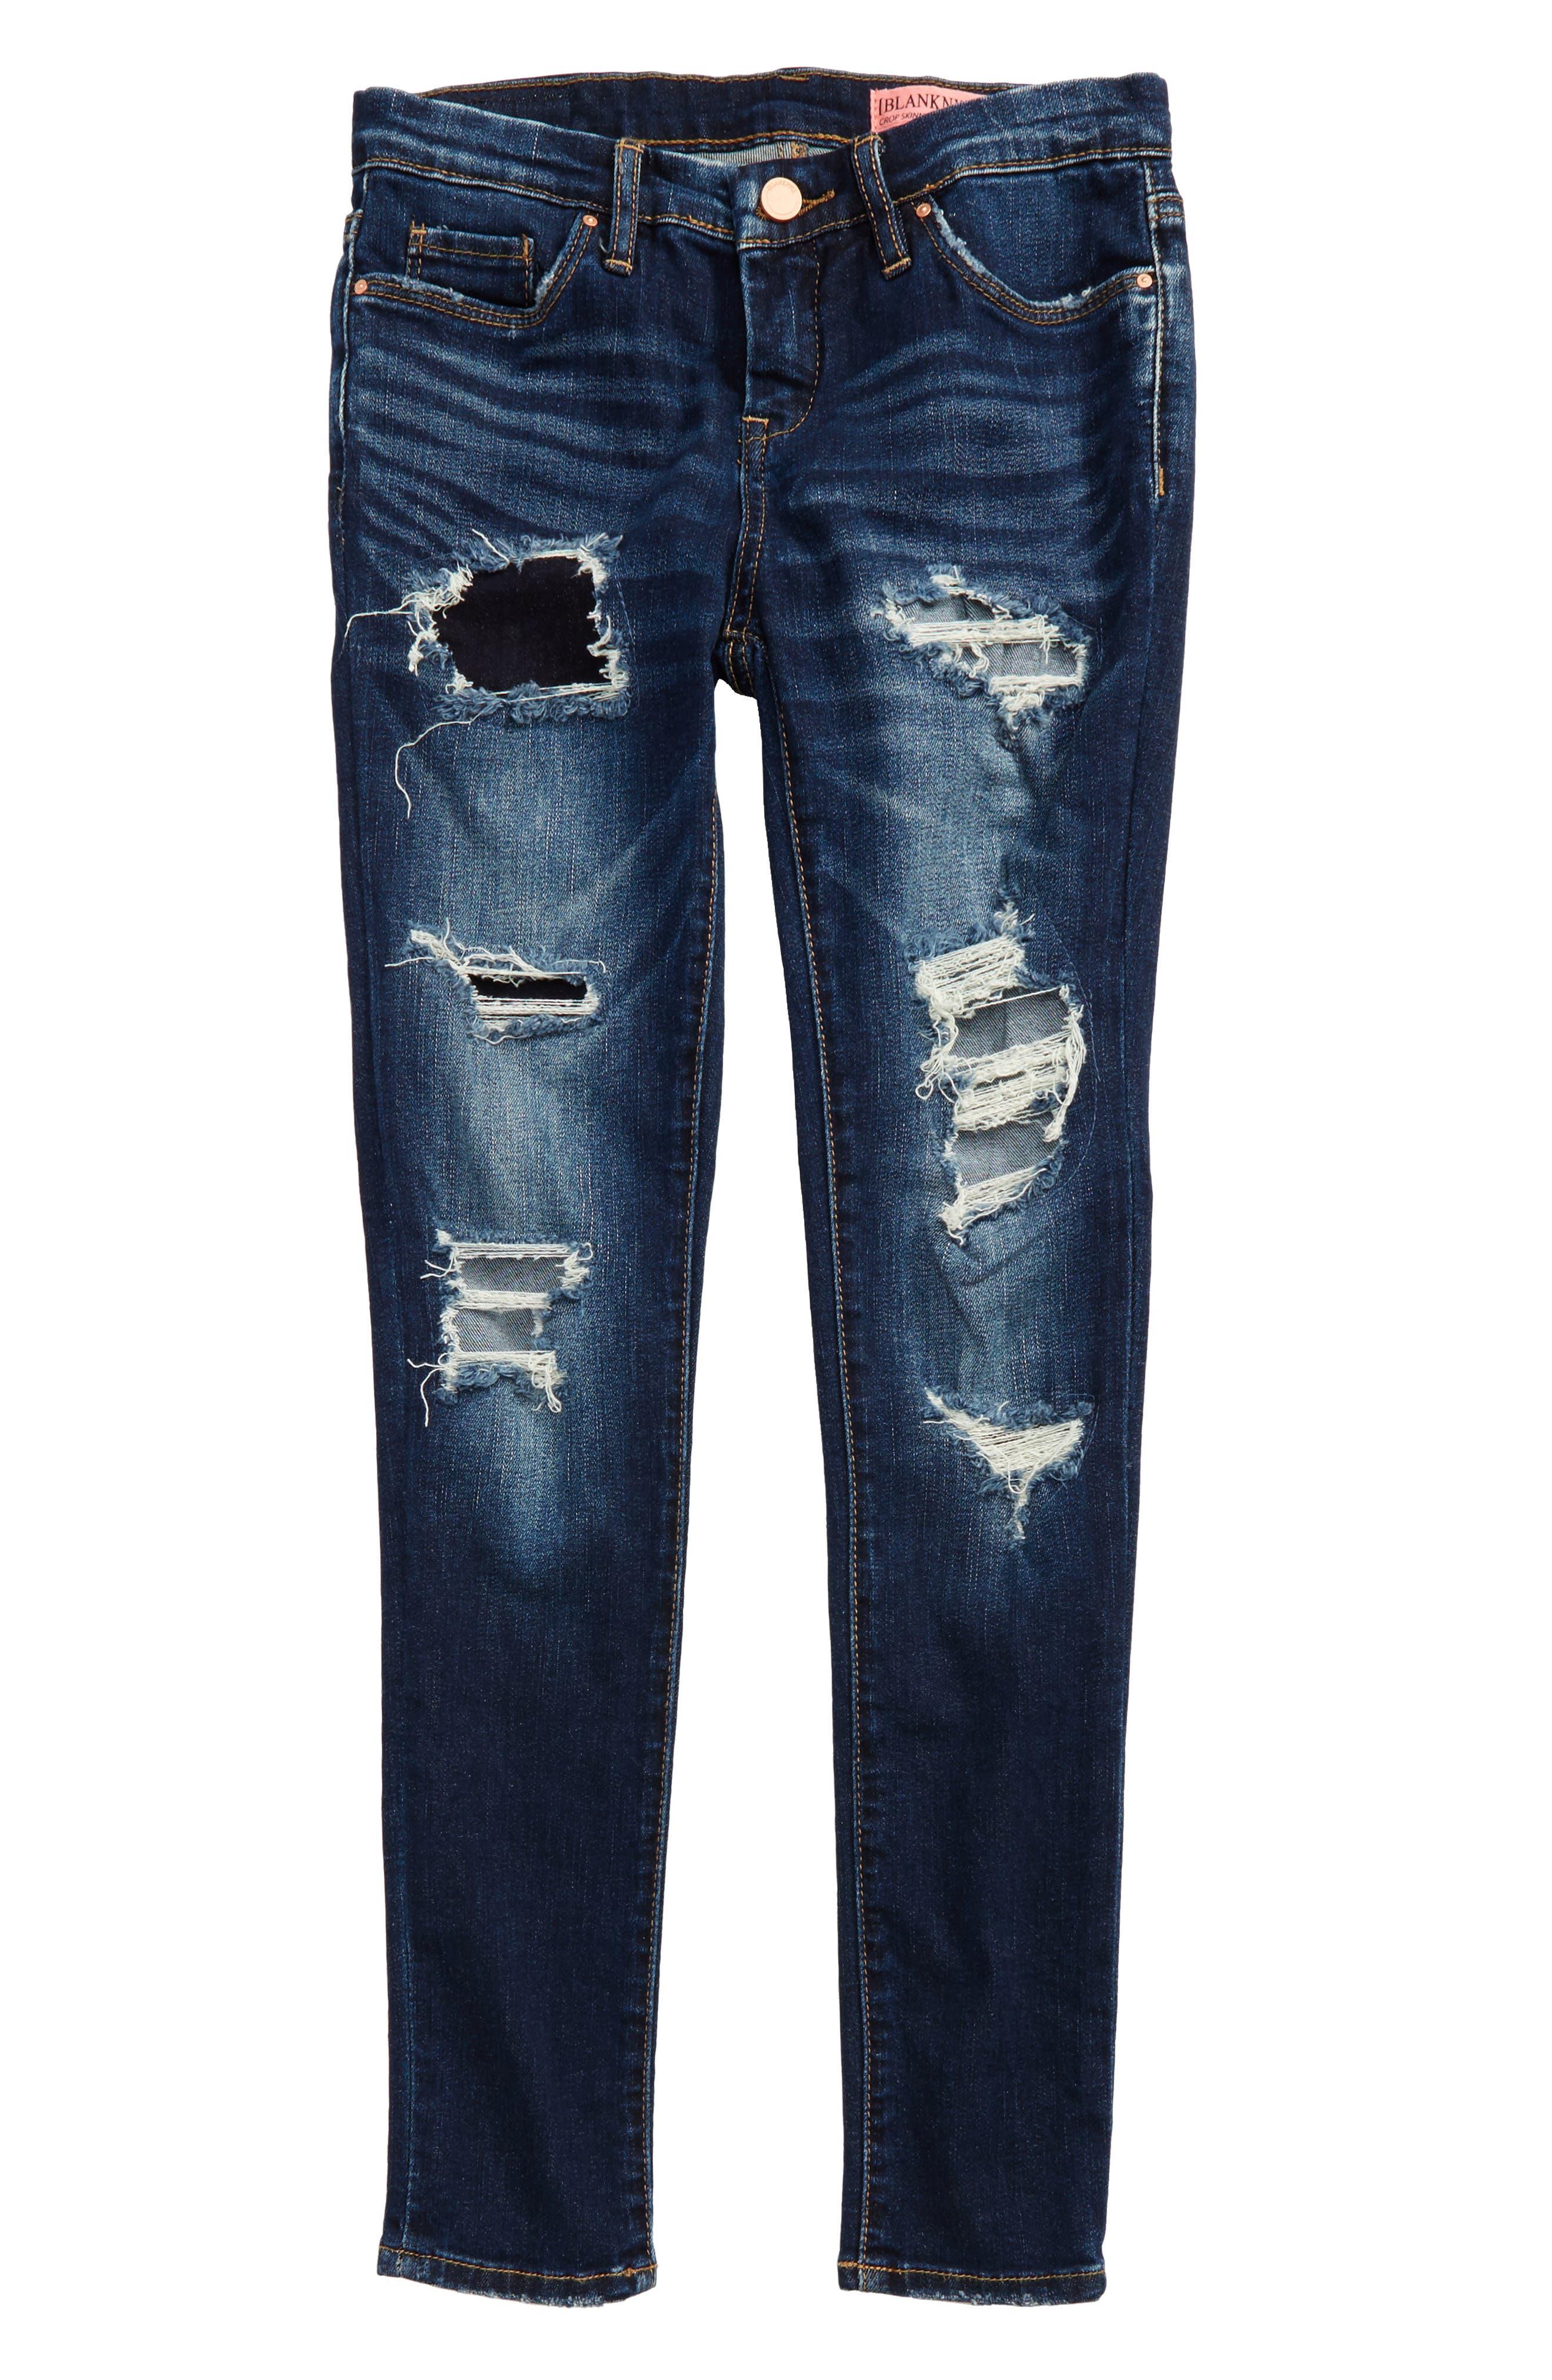 Rip & Repair Skinny Jeans,                             Main thumbnail 1, color,                             400